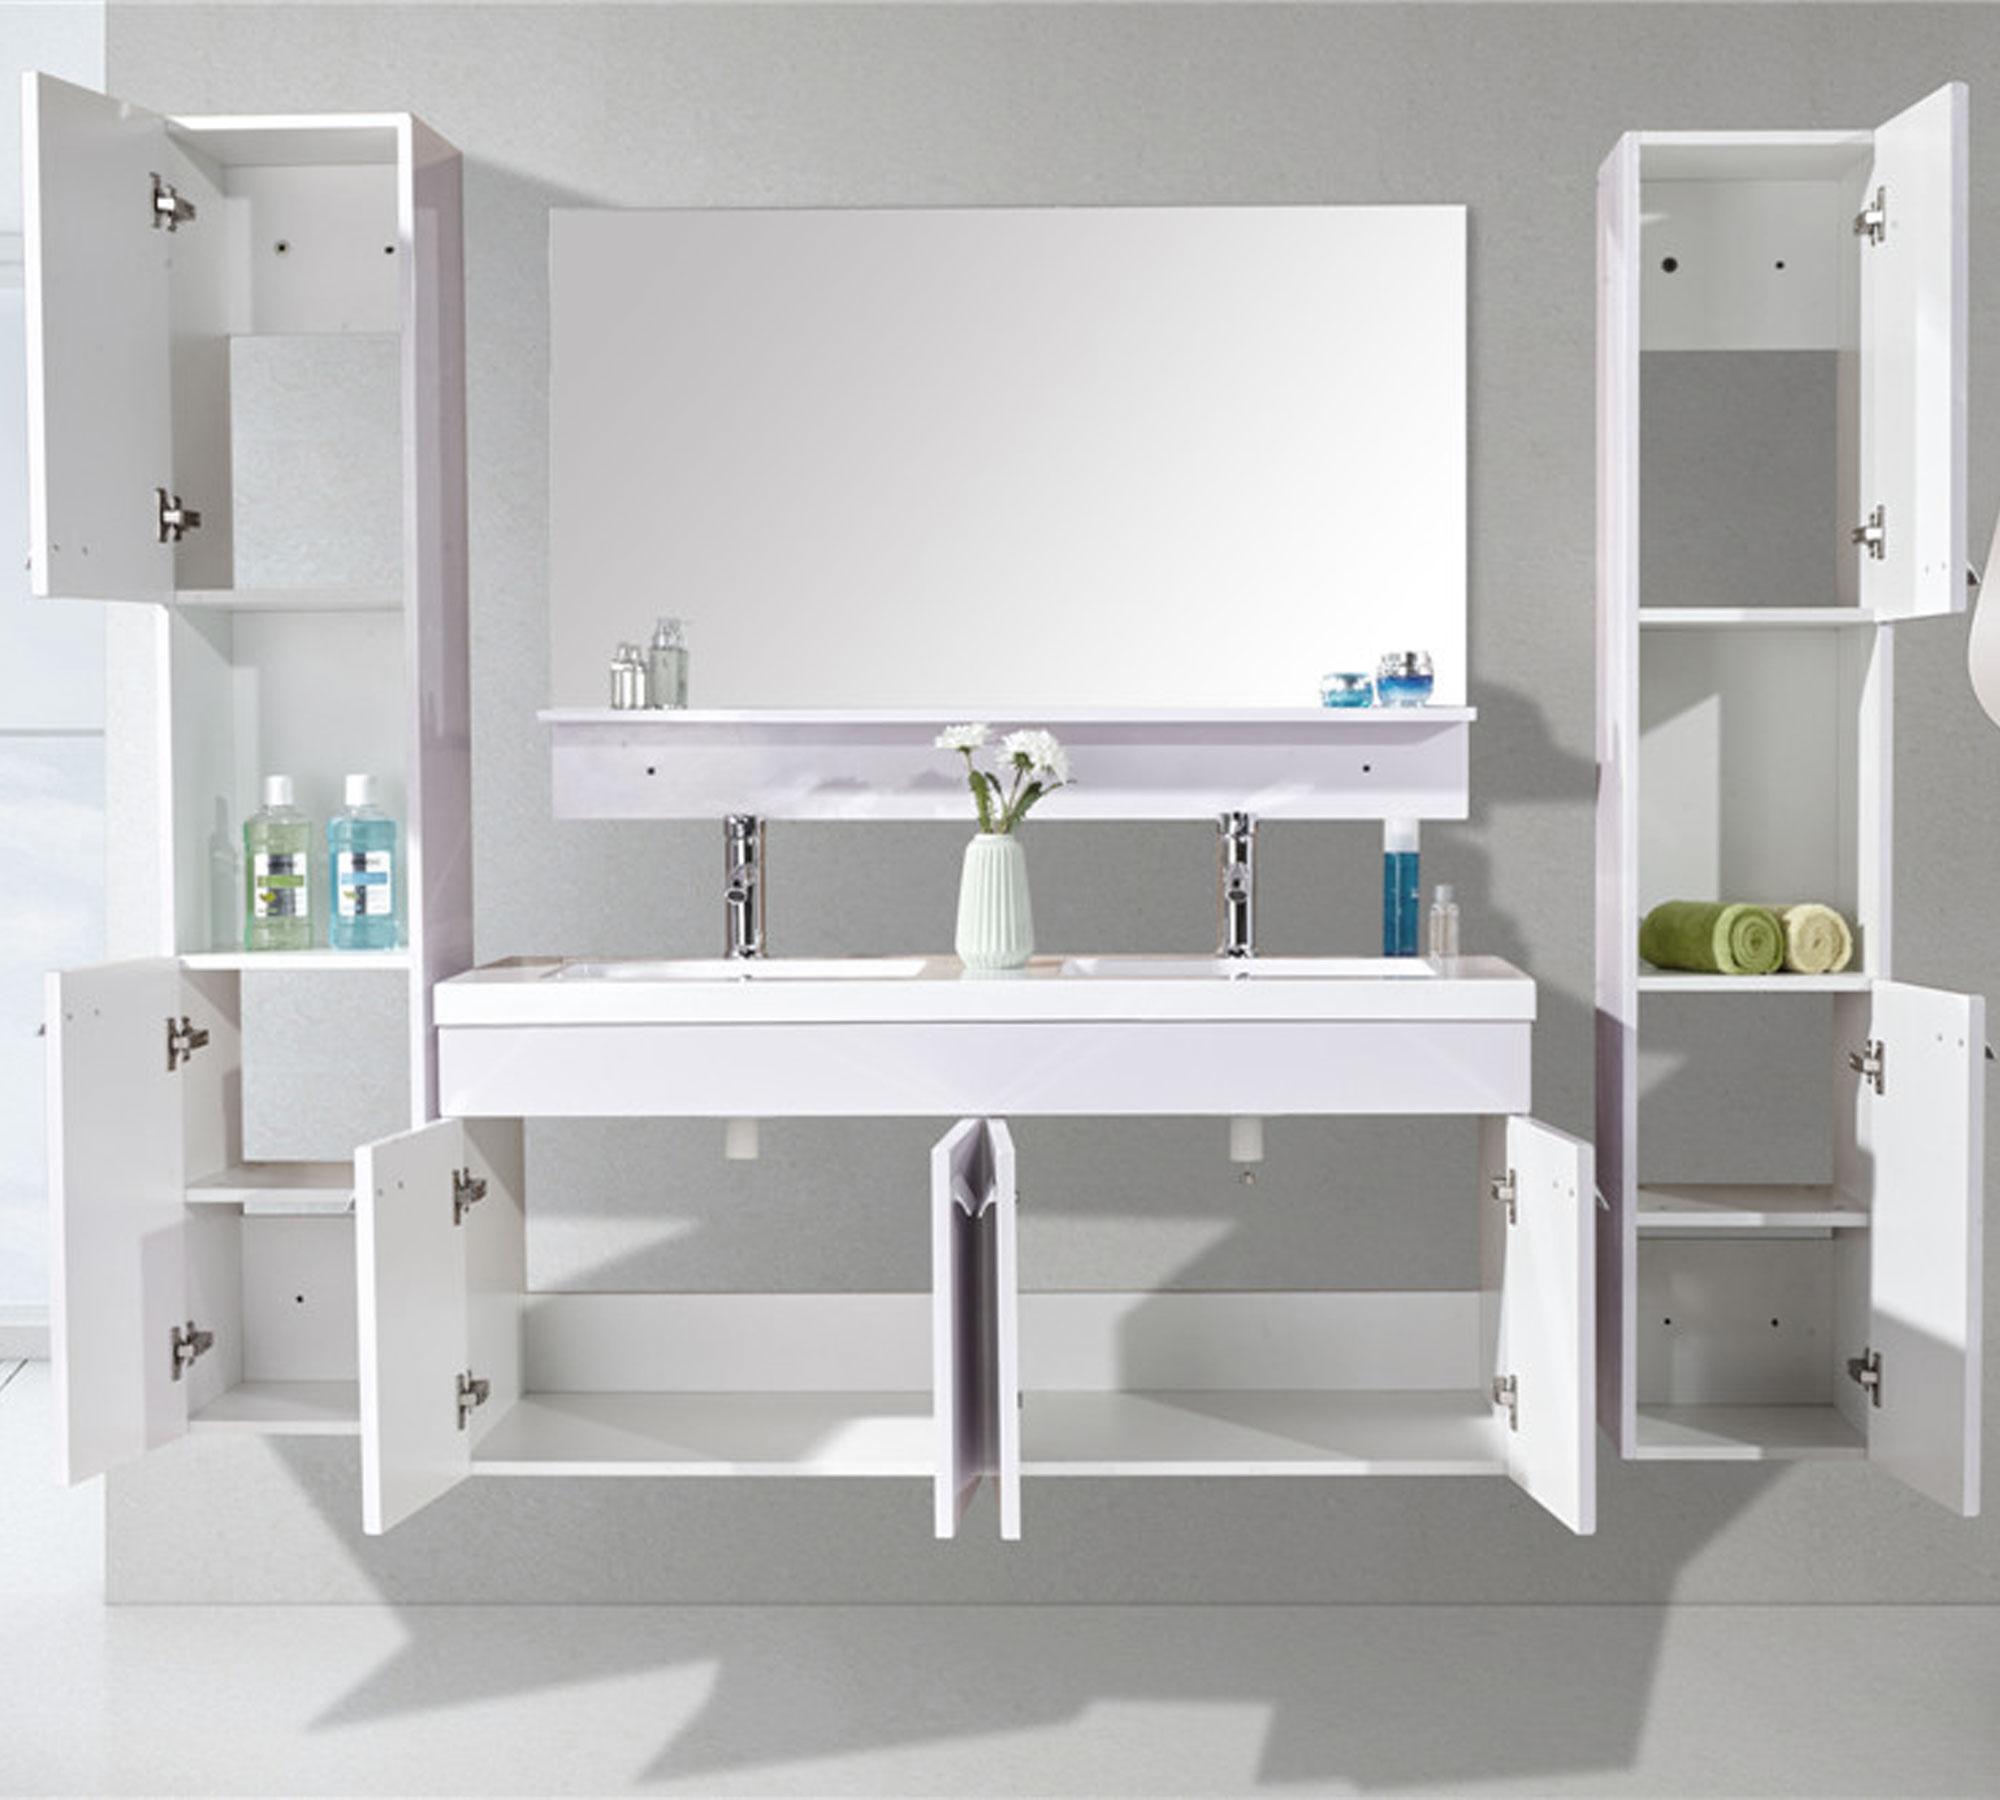 mobile bagno arredo bagno 120 cm doppia colonna e lavabo inclusi white elegance. Black Bedroom Furniture Sets. Home Design Ideas